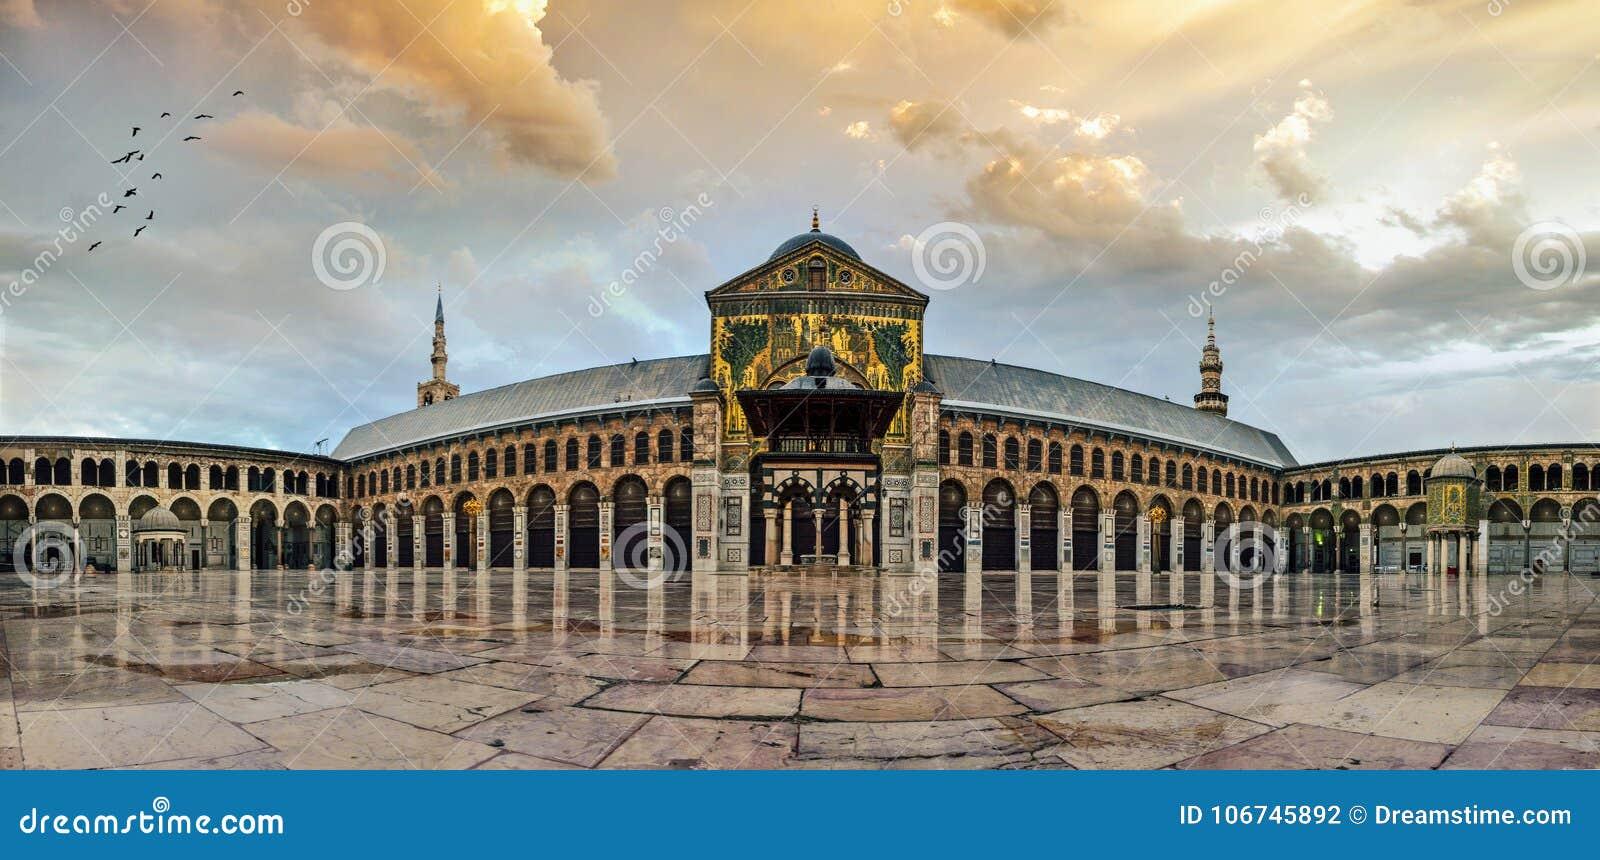 Great Umayyad Mosque Of Damascus Stock Photo - Image of